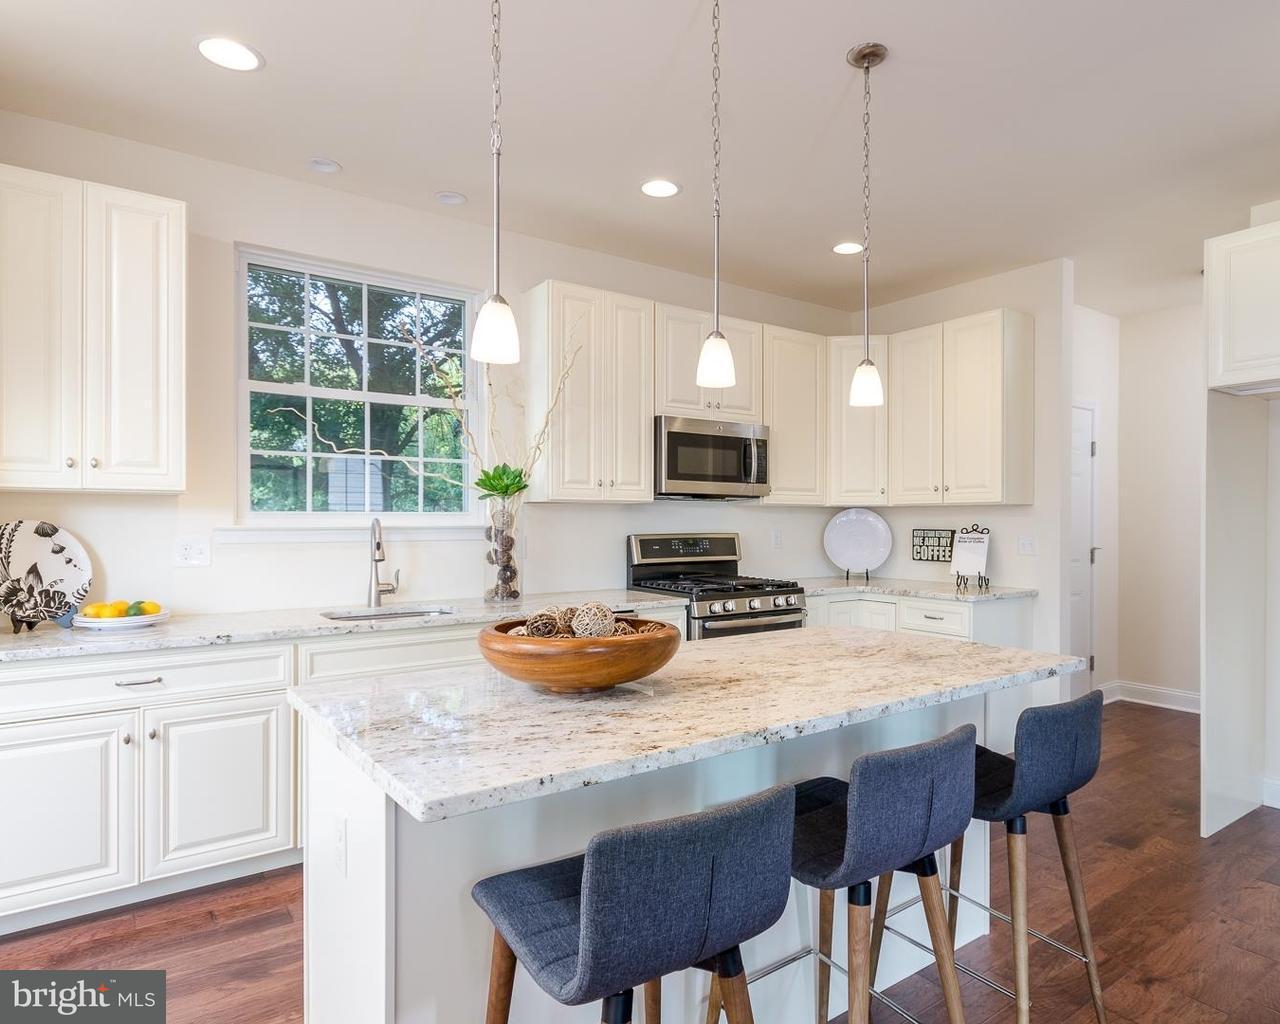 独户住宅 为 销售 在 41 JACKSON Road Berlin Boro, 新泽西州 08009 美国